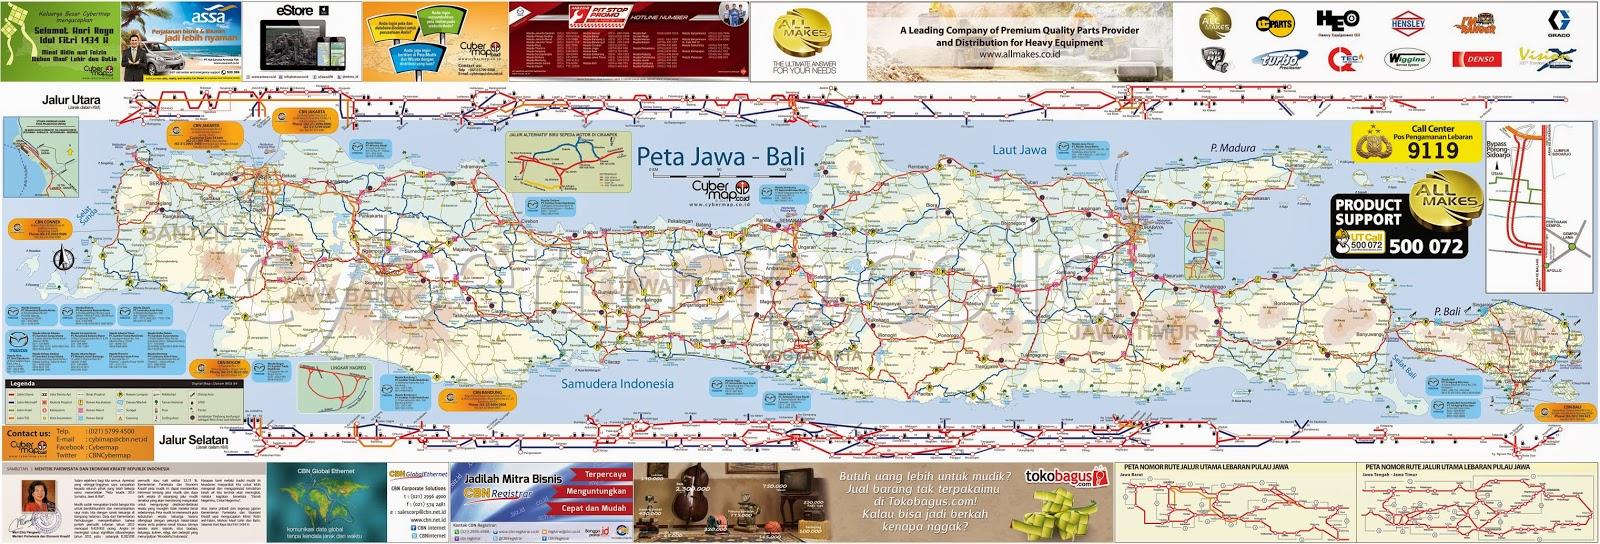 Peta jalur Mudik 2014 Lengkap